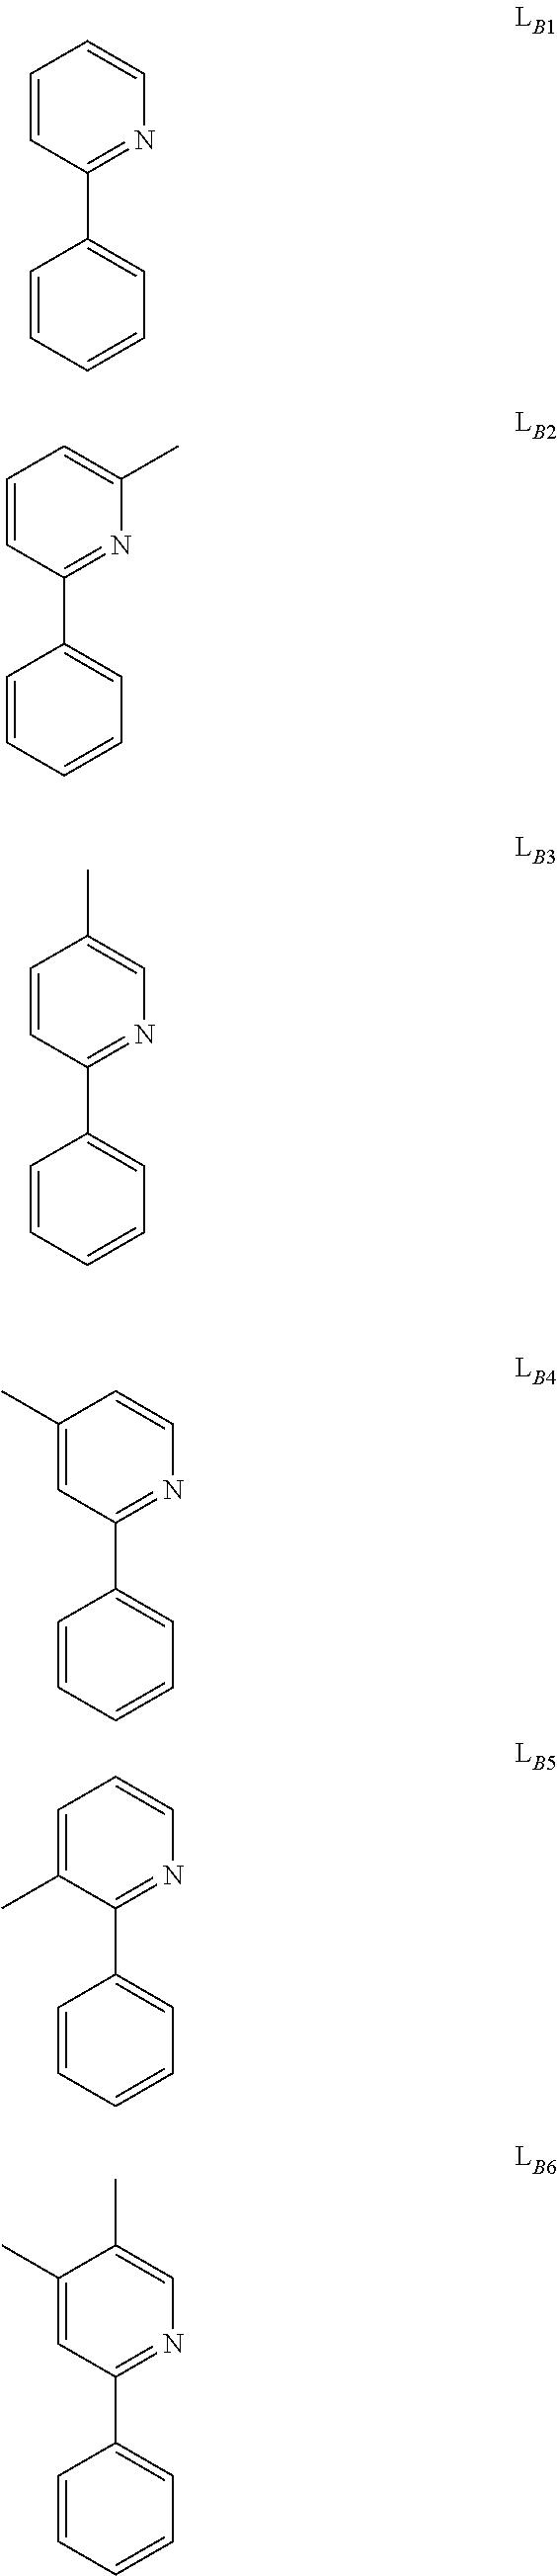 Figure US09634264-20170425-C00028